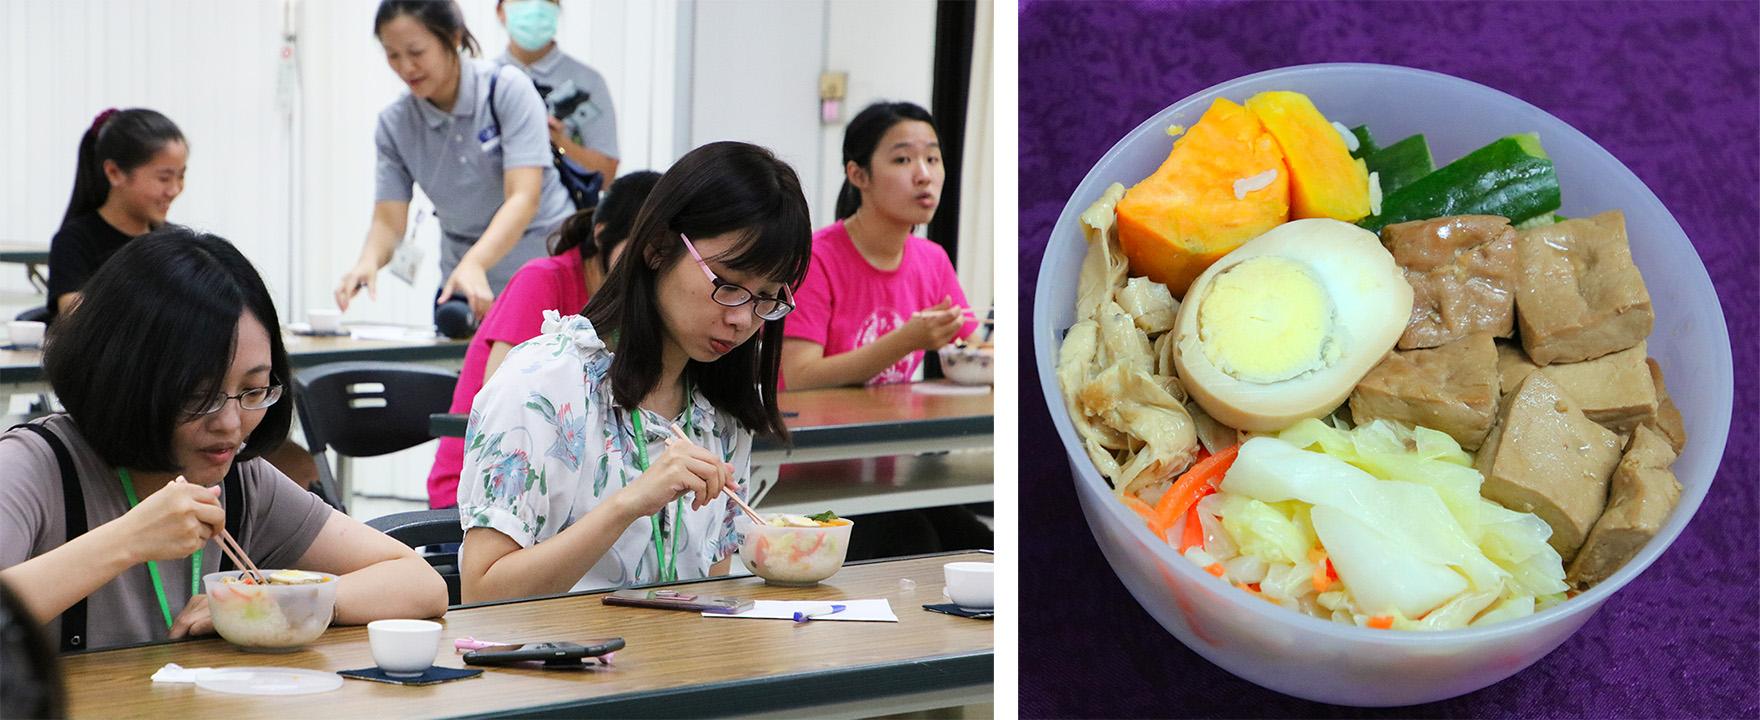 每一份餐盒都是台南慈濟志工依營養師開的菜單,烹煮健康美味的蔬食餐。 這一餐不僅色香味俱全,更減少碳足跡、營養滿分。